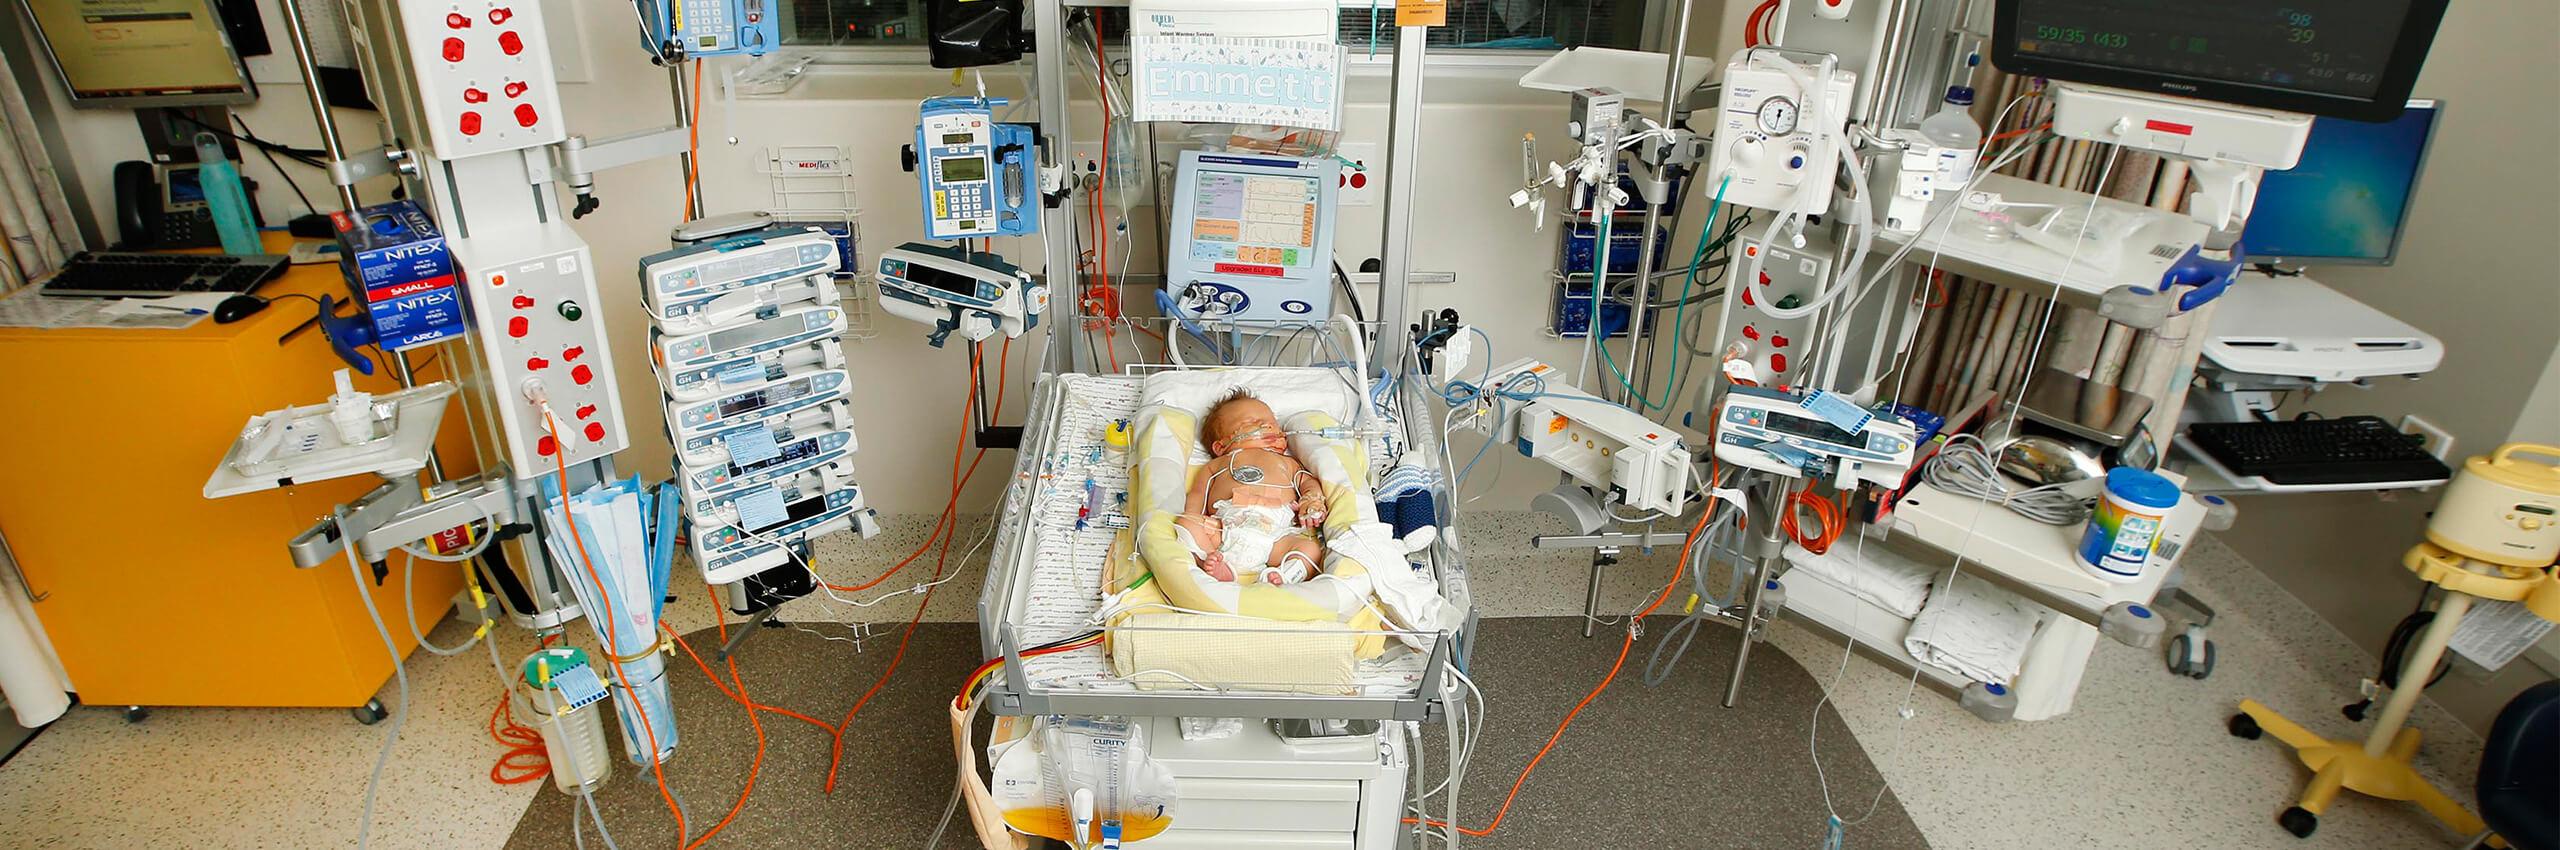 Emmett in ICU